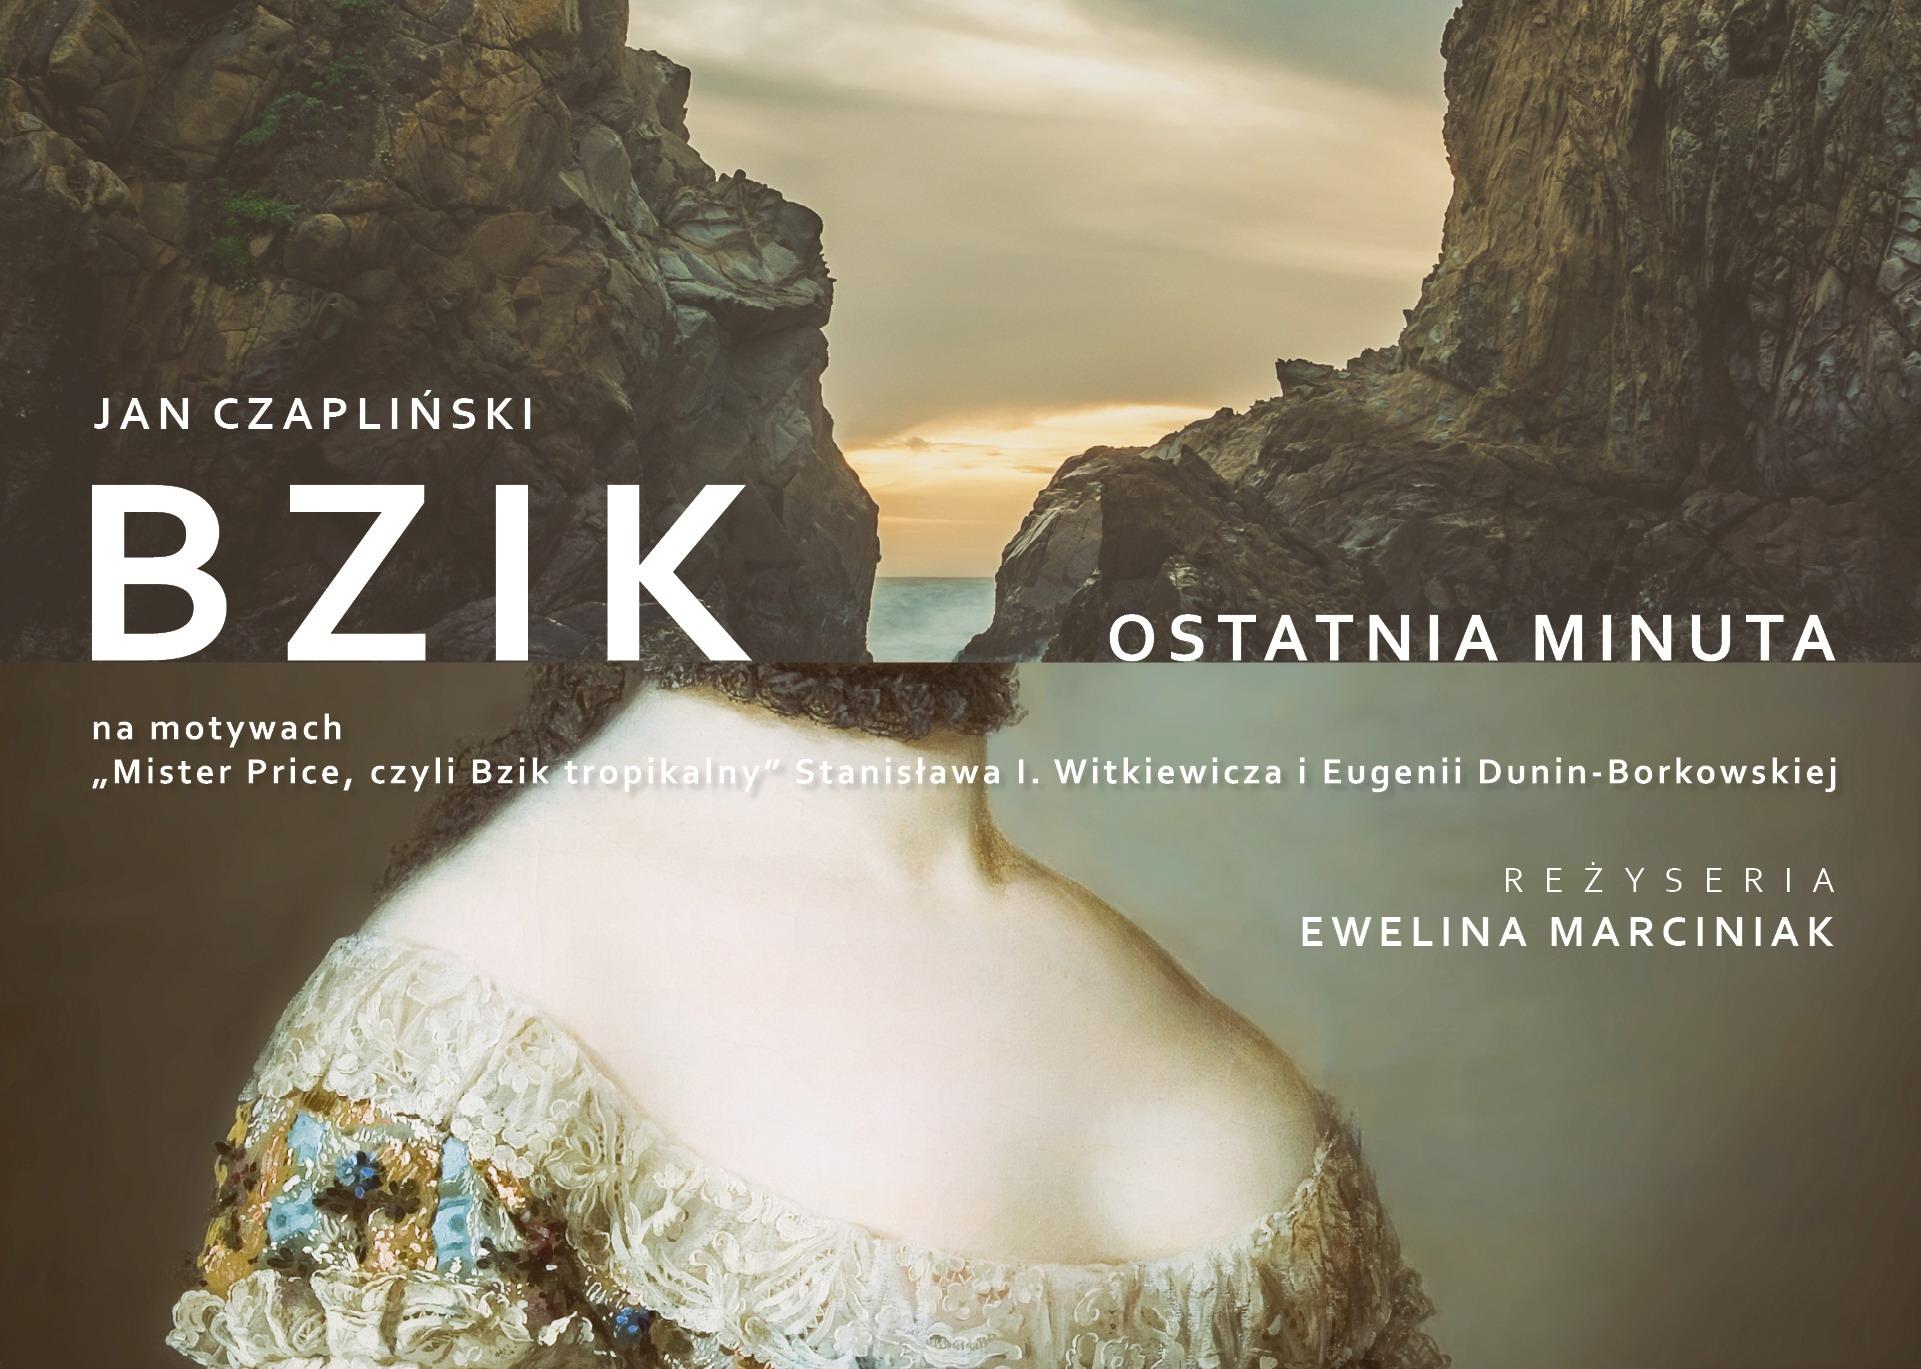 """Jan Czapliński, """"Bzik. Ostatnia minuta"""", reż. Ewelina Marciniak (źródło: materiały prasowe teatru)"""